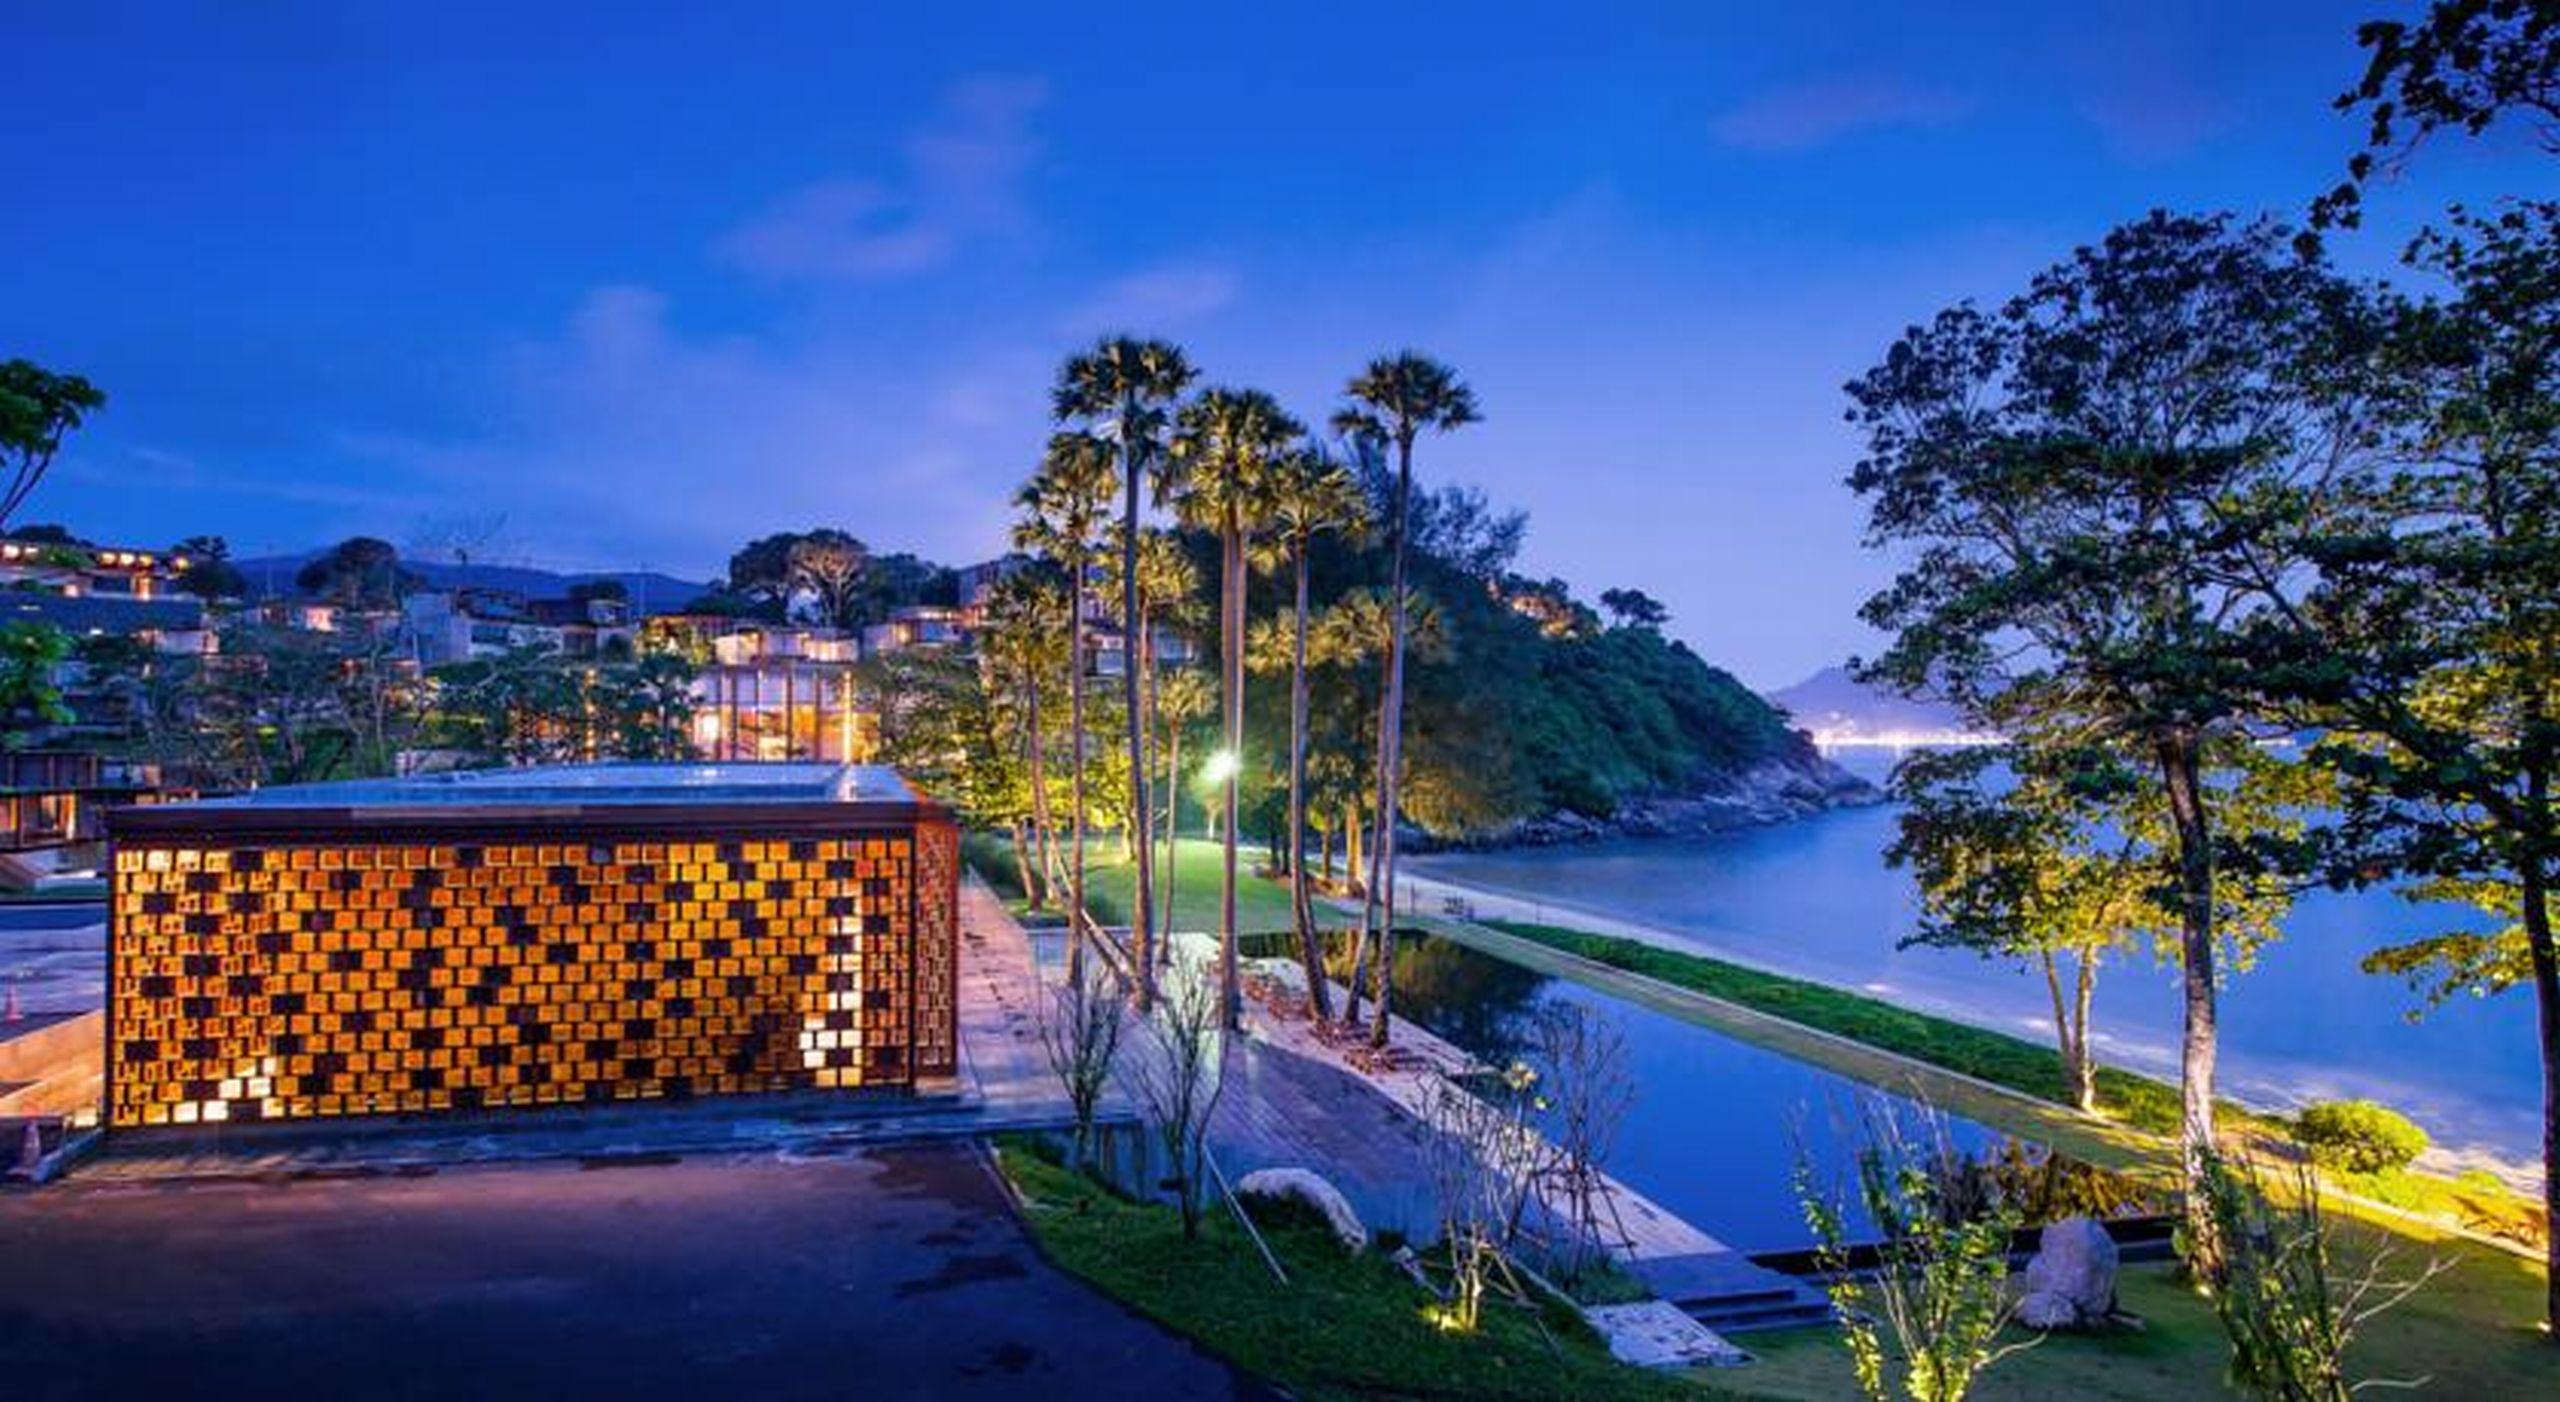 The Naka Phuket, Pulau Phuket